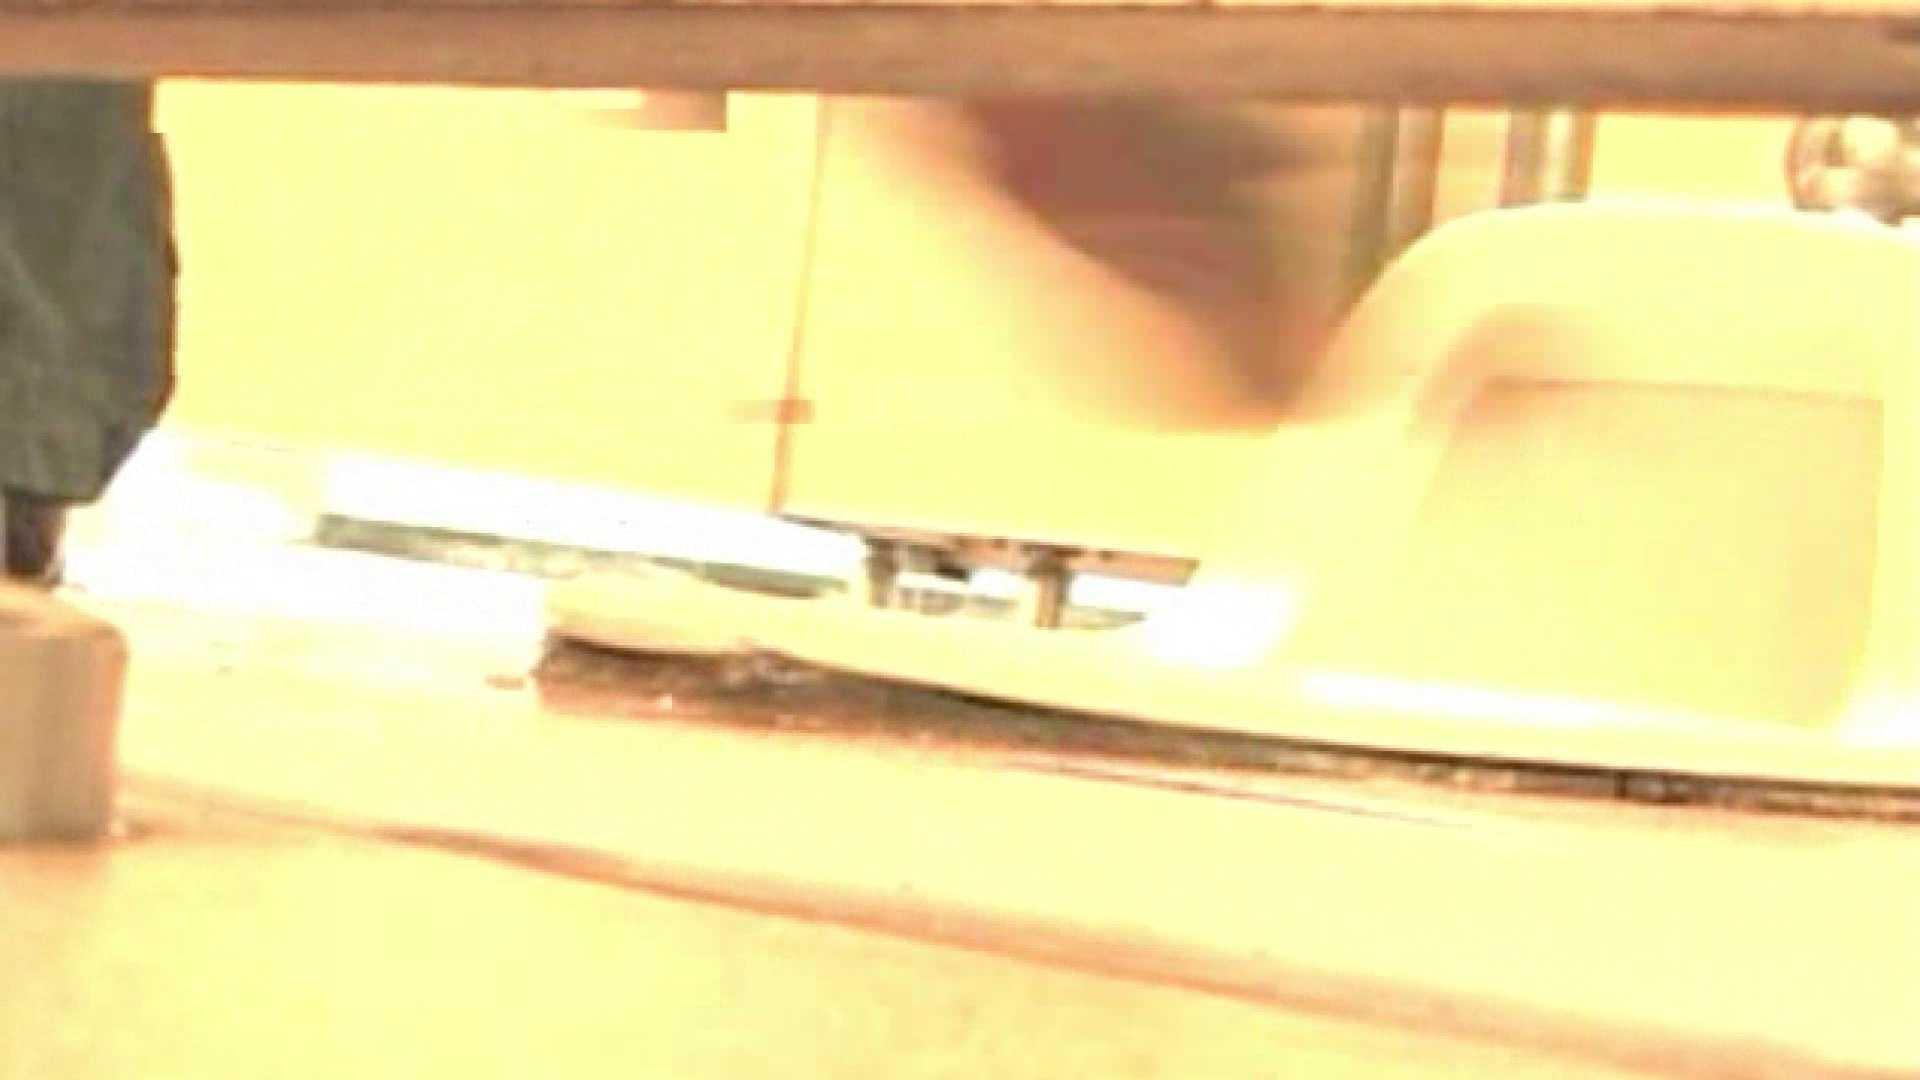 ロックハンドさんの盗撮記録File.51 黄金水 盗撮画像 9枚 7